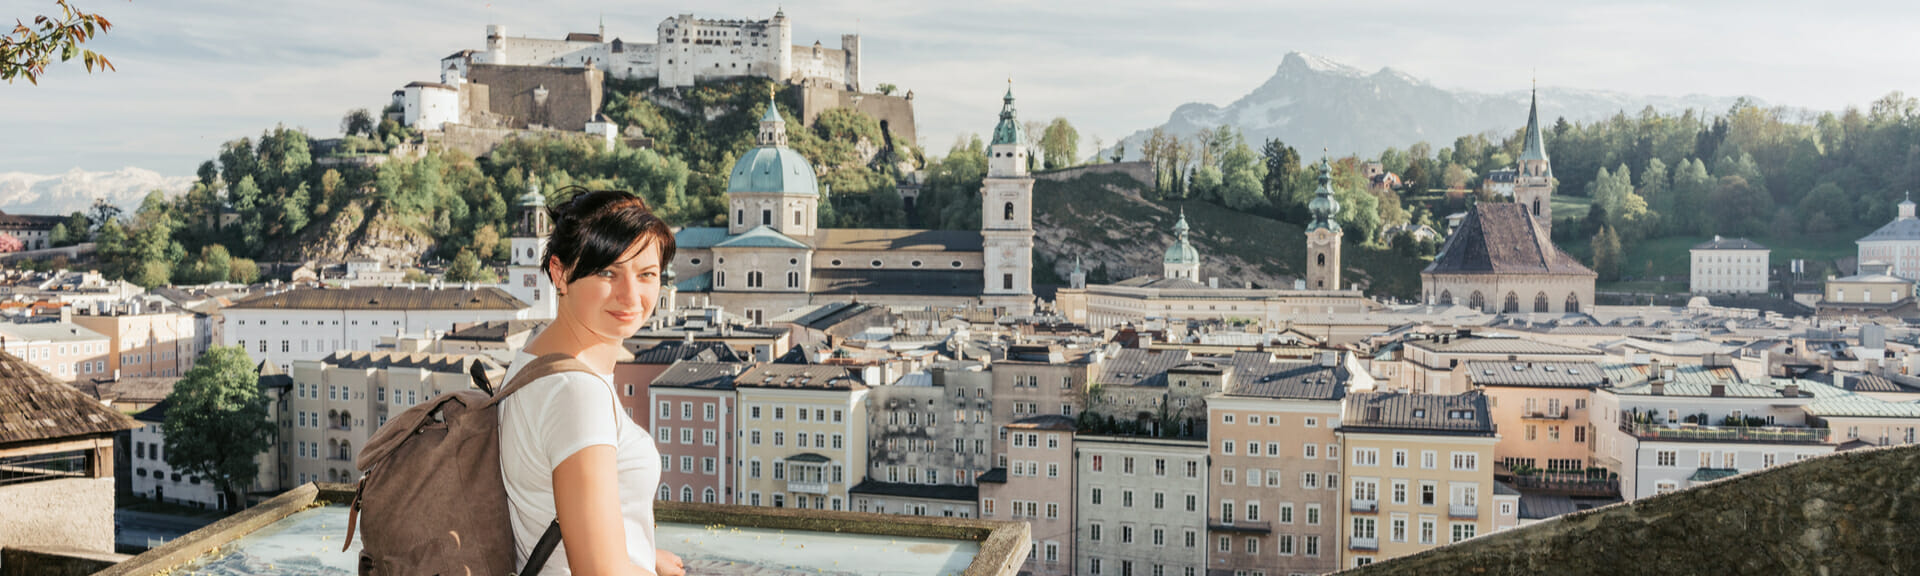 Klassenfahrt Salzburg Stadtansicht